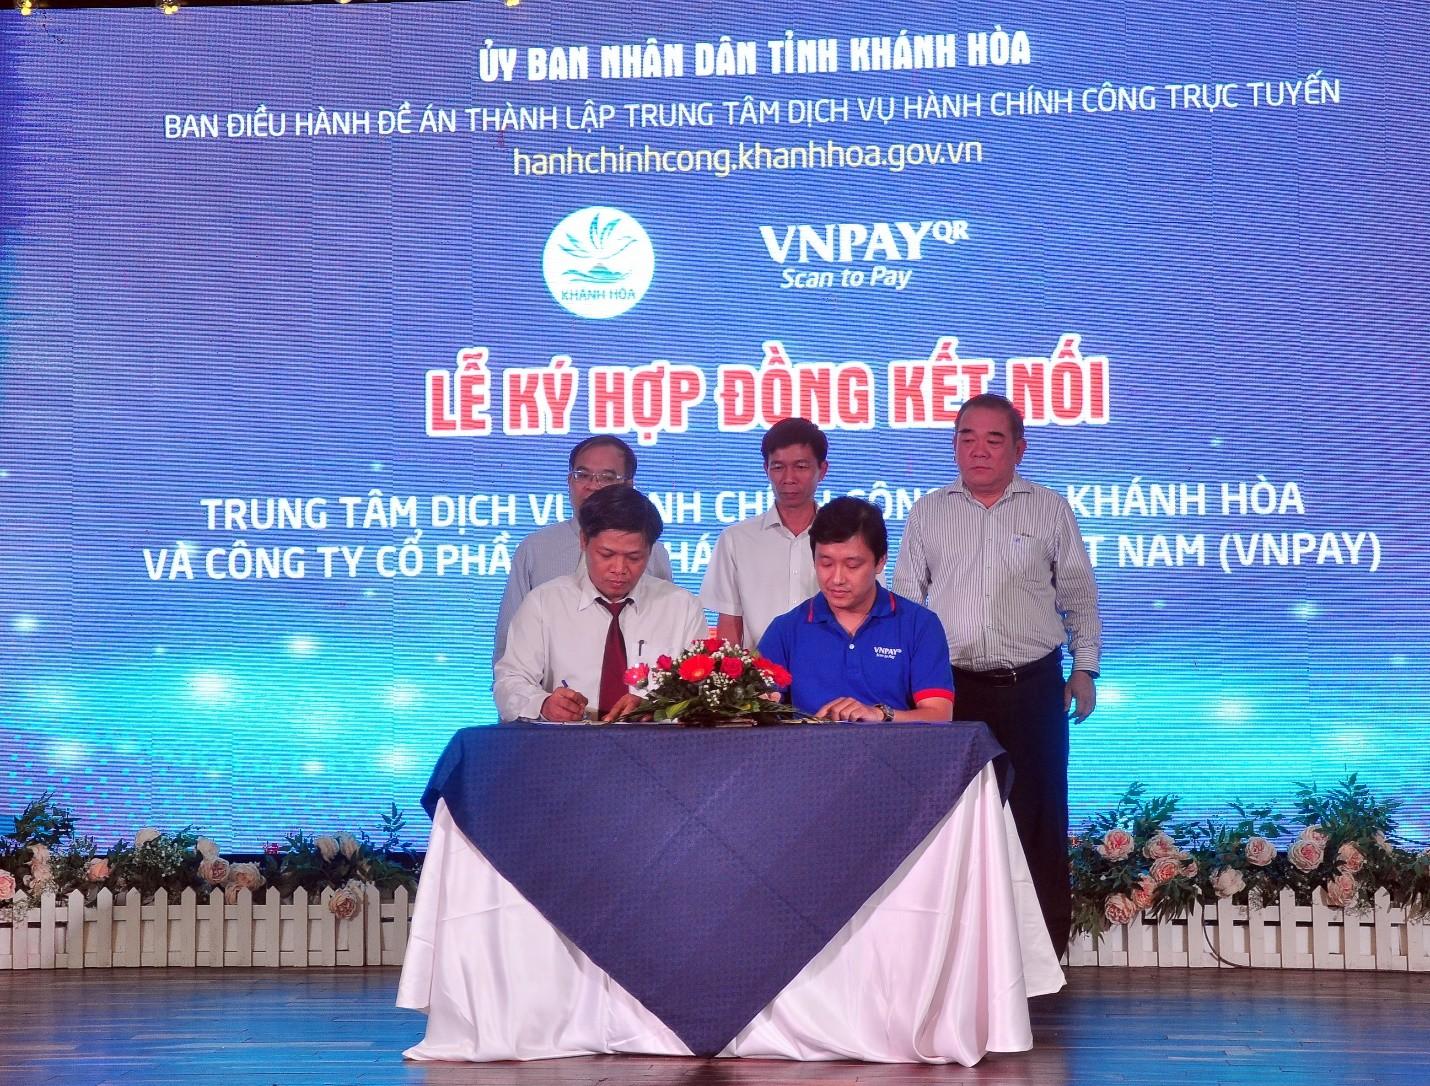 Trung Tâm Dịch Vụ Hành Chính Công Trực Tuyến Tỉnh Khánh Hòa  và Công Ty Cổ Phần Giải Pháp Thanh Toán Việt Nam (VNPAY) ký kết hợp đồng